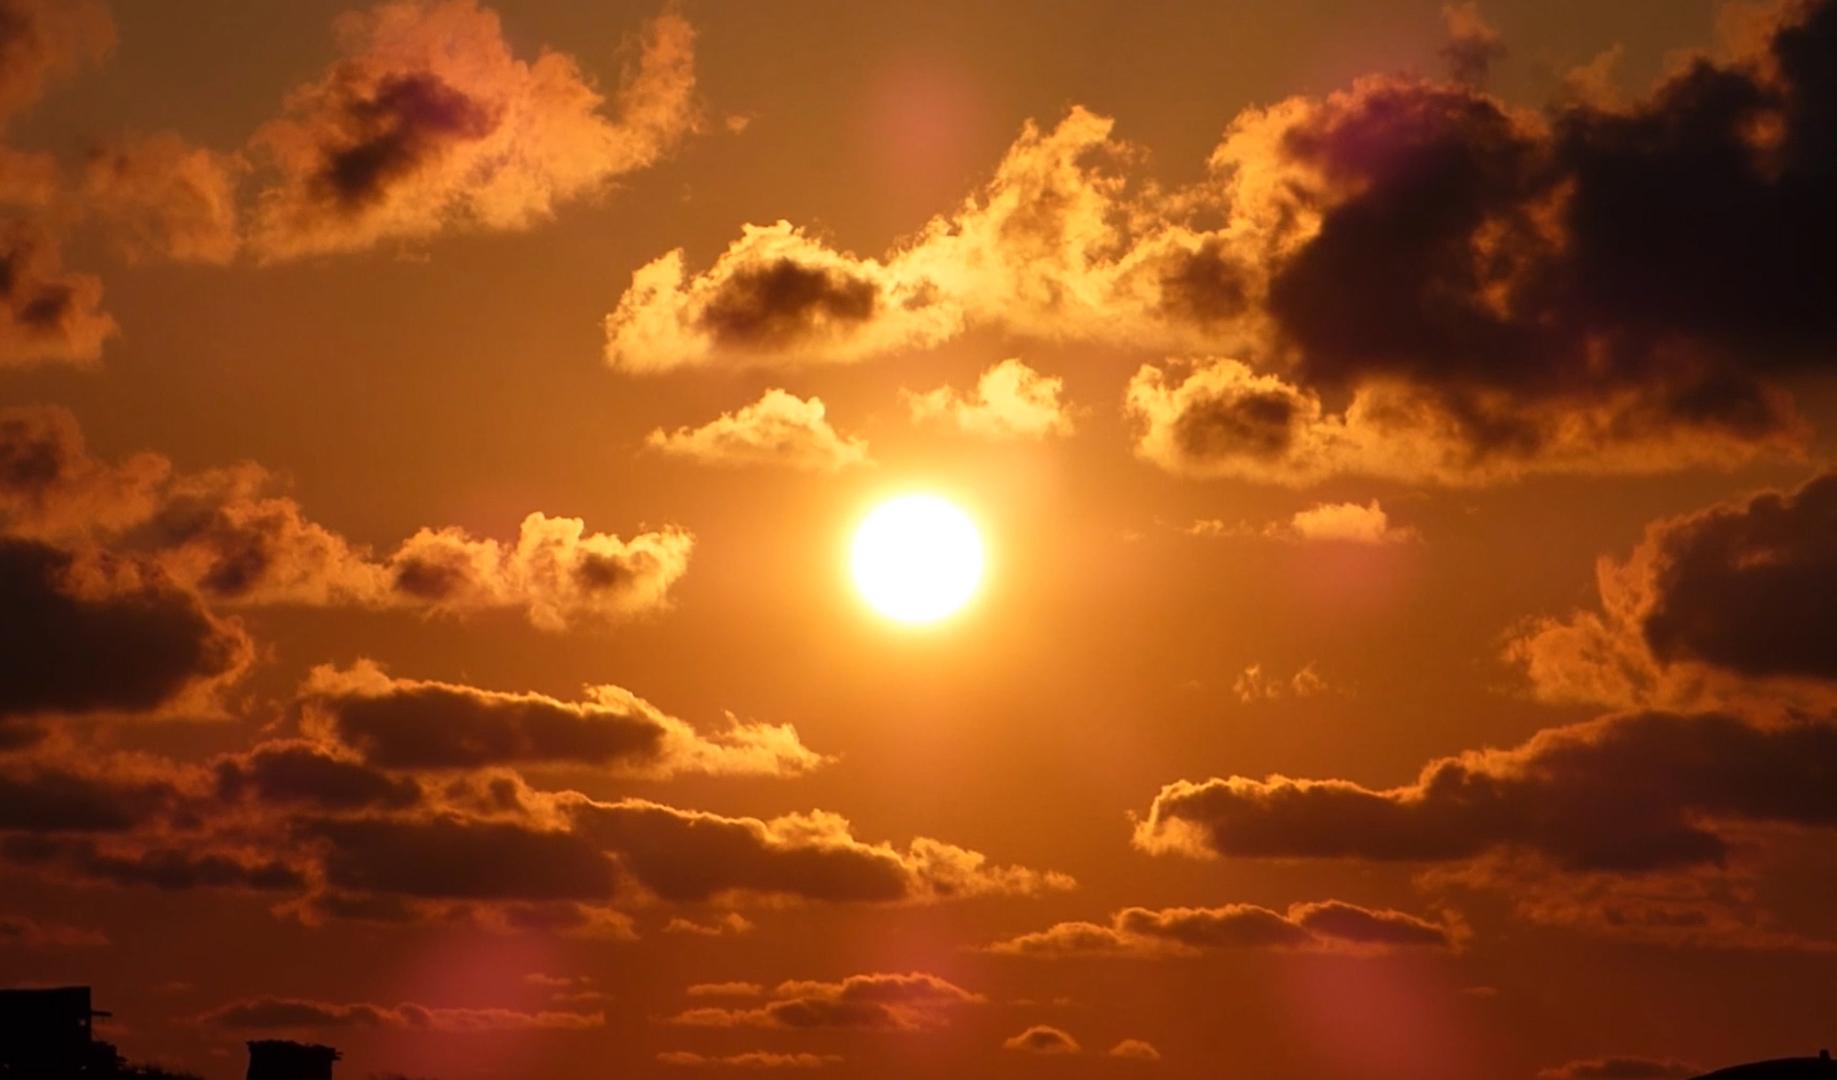 b770cc920 Solsticio de verano  10 curiosidades que tienes que saber sobre el verano  que comienza